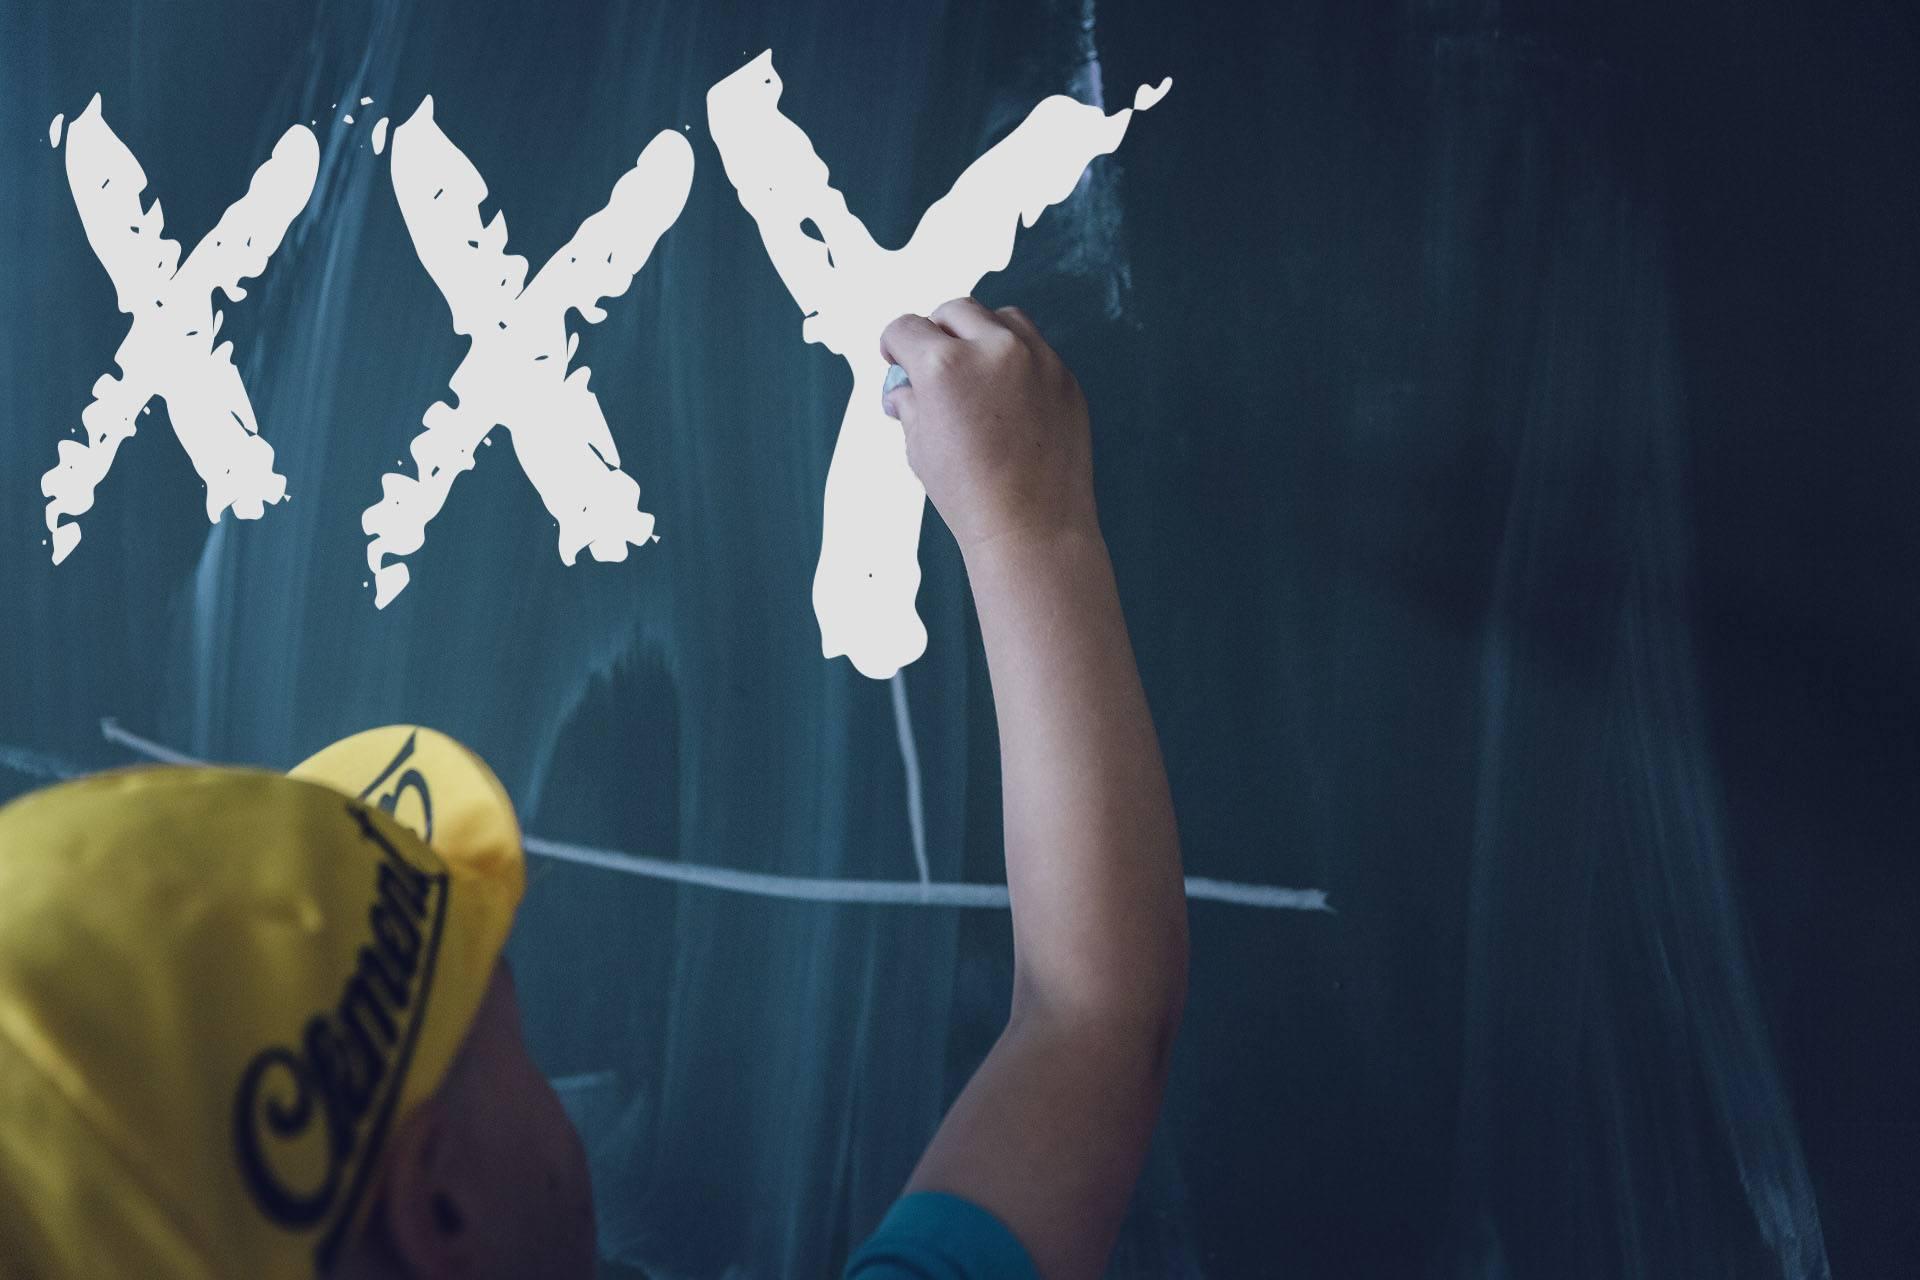 xxypaatavle